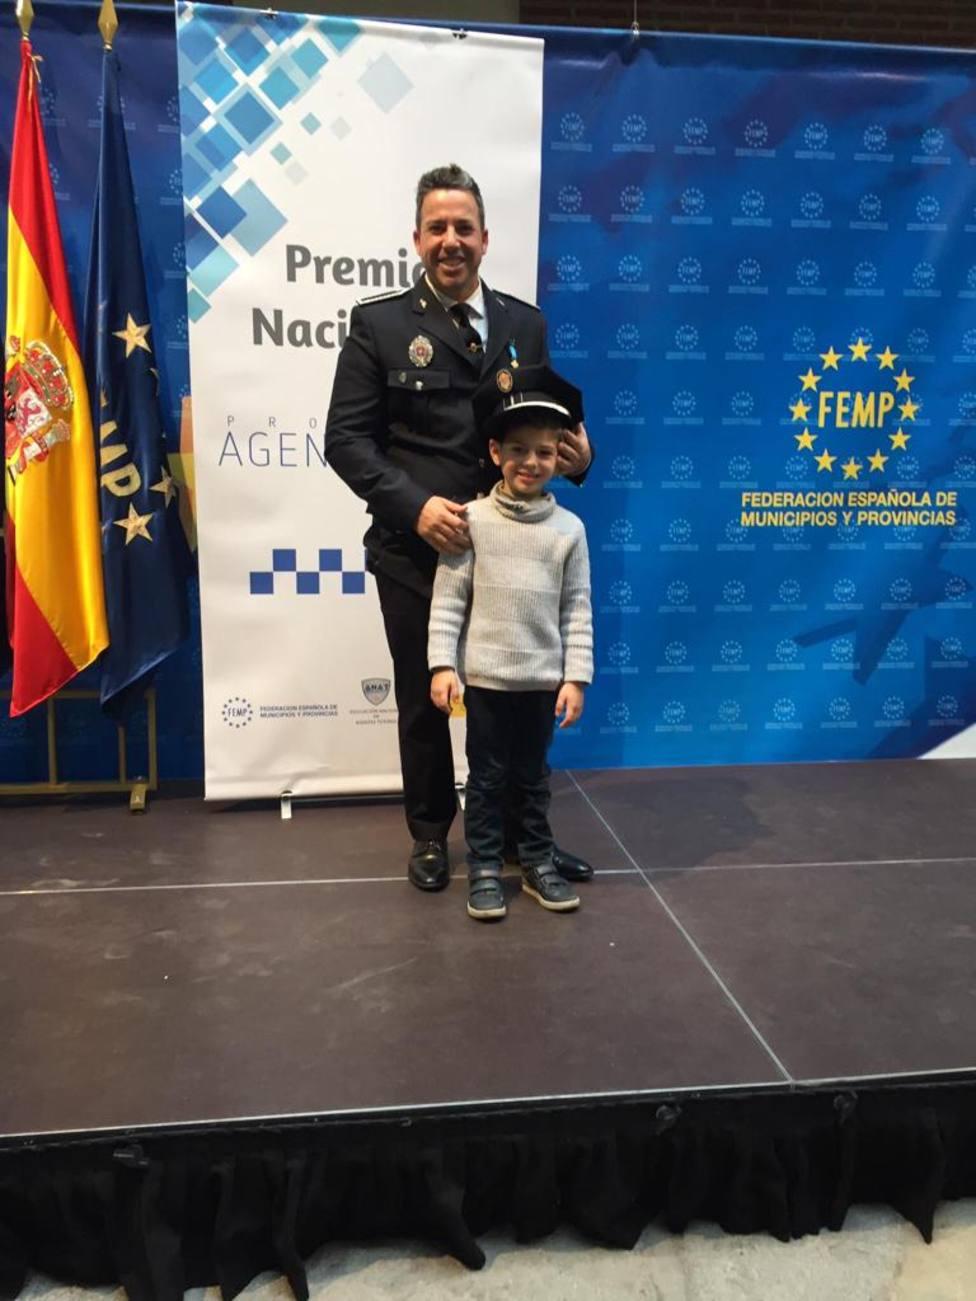 Víctor acompañado de su hijo en un acto de FEMP